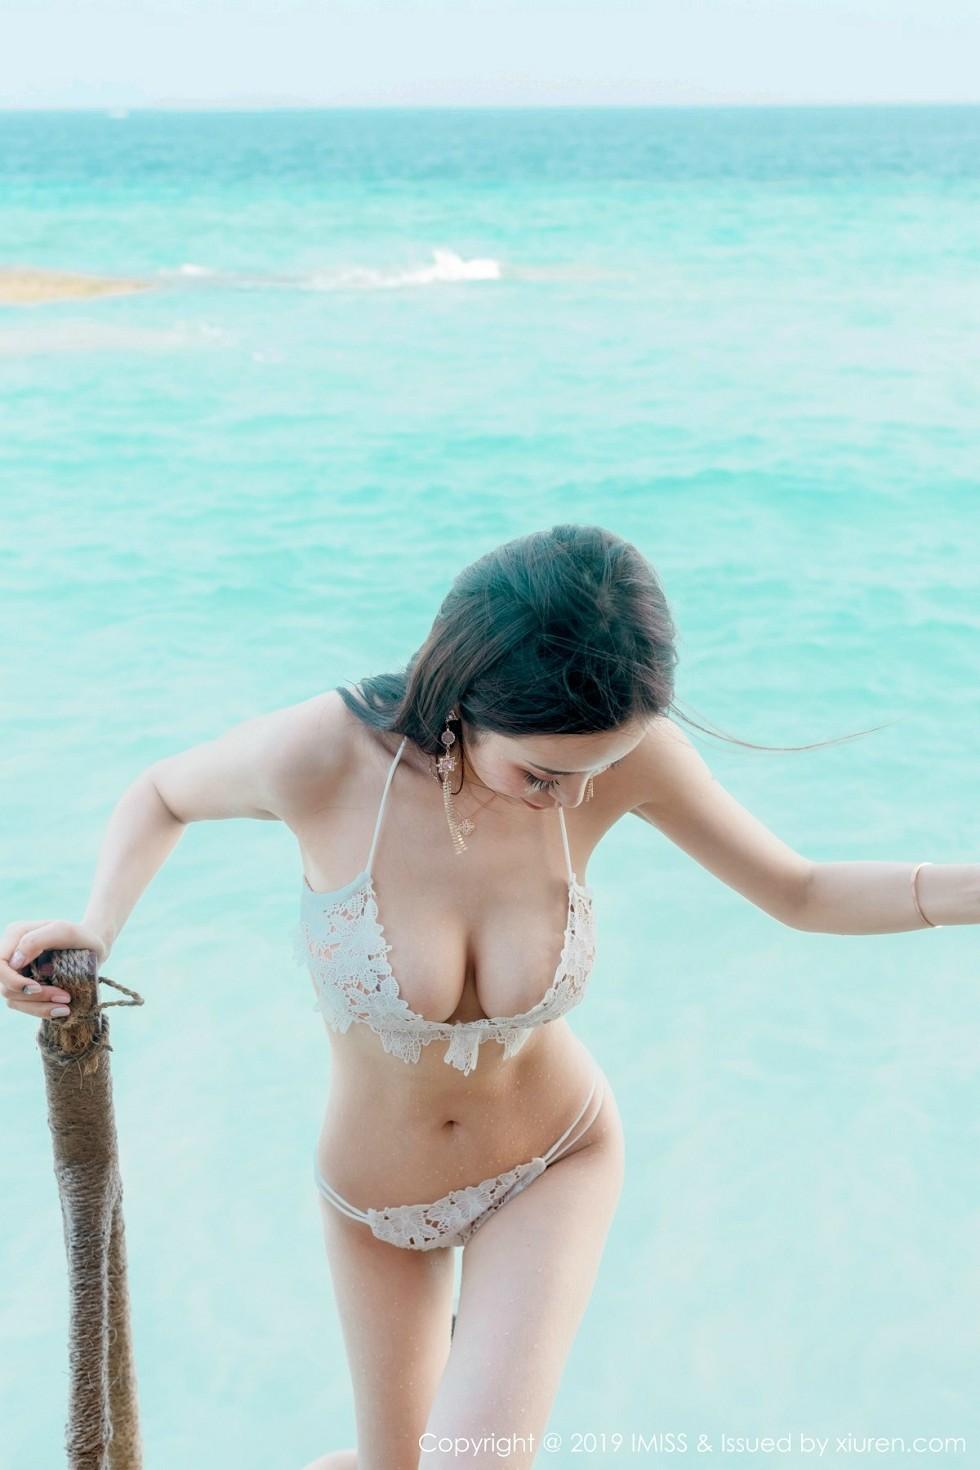 嫩模陈思琪Art马尔代夫旅拍沙滩边性感比基尼完美诱惑无圣光写真38P